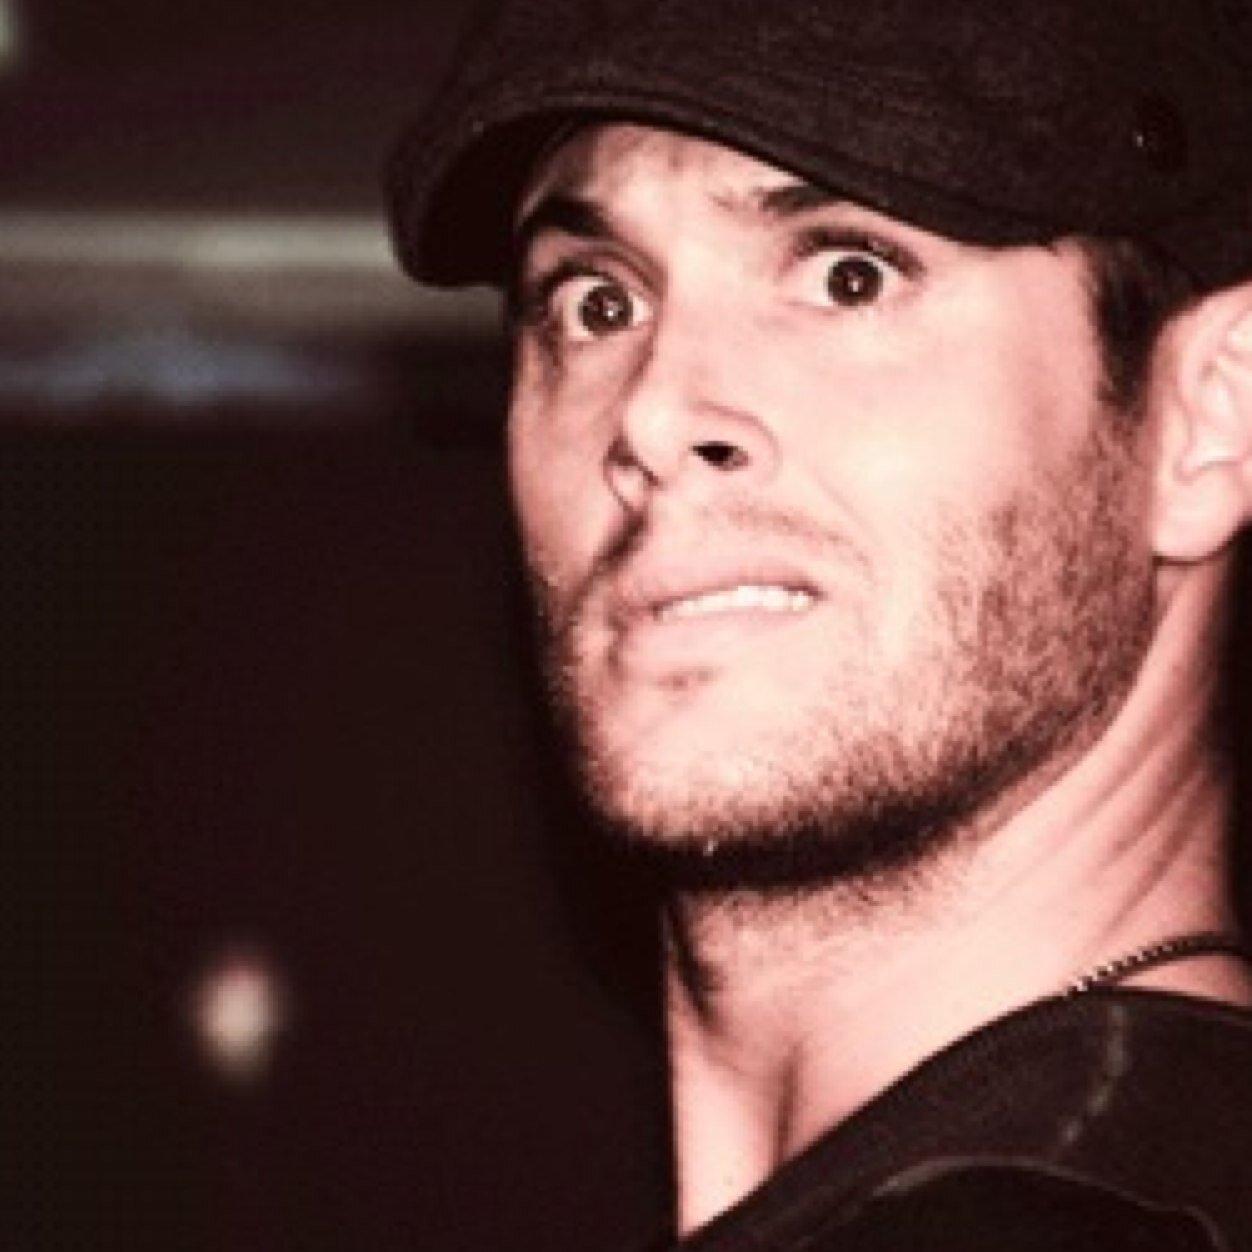 Jensen ackles trending...